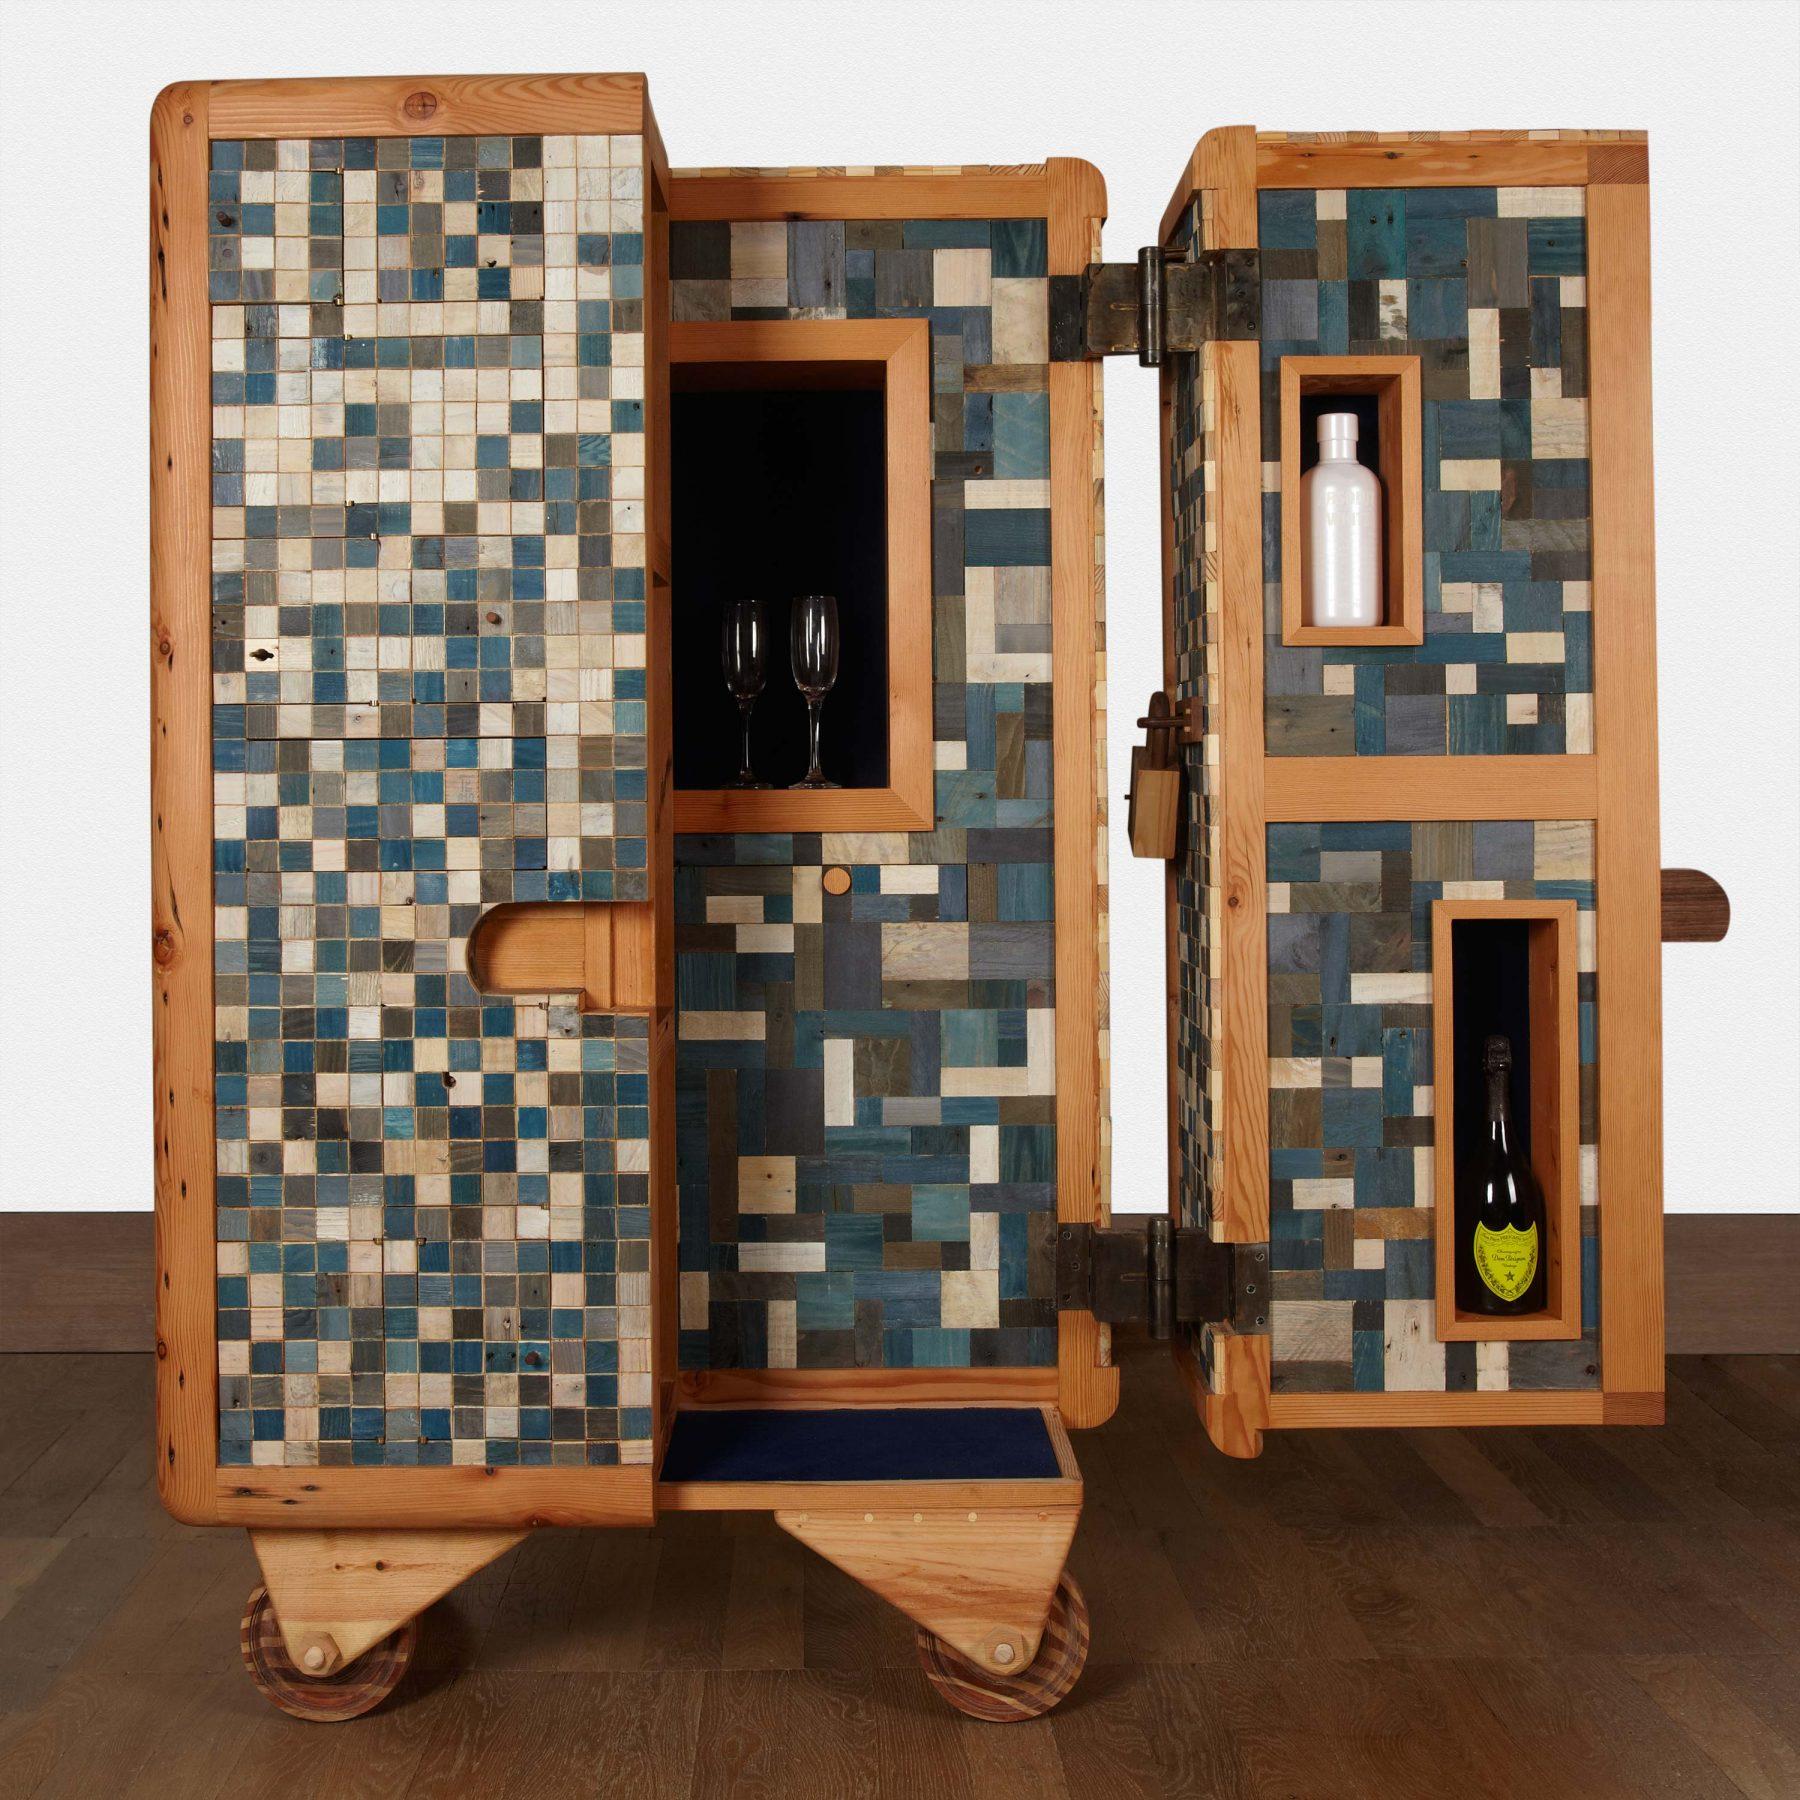 Jan-Hendzel-Studio-Selfridges-Cabinet-front-open-with-bottles